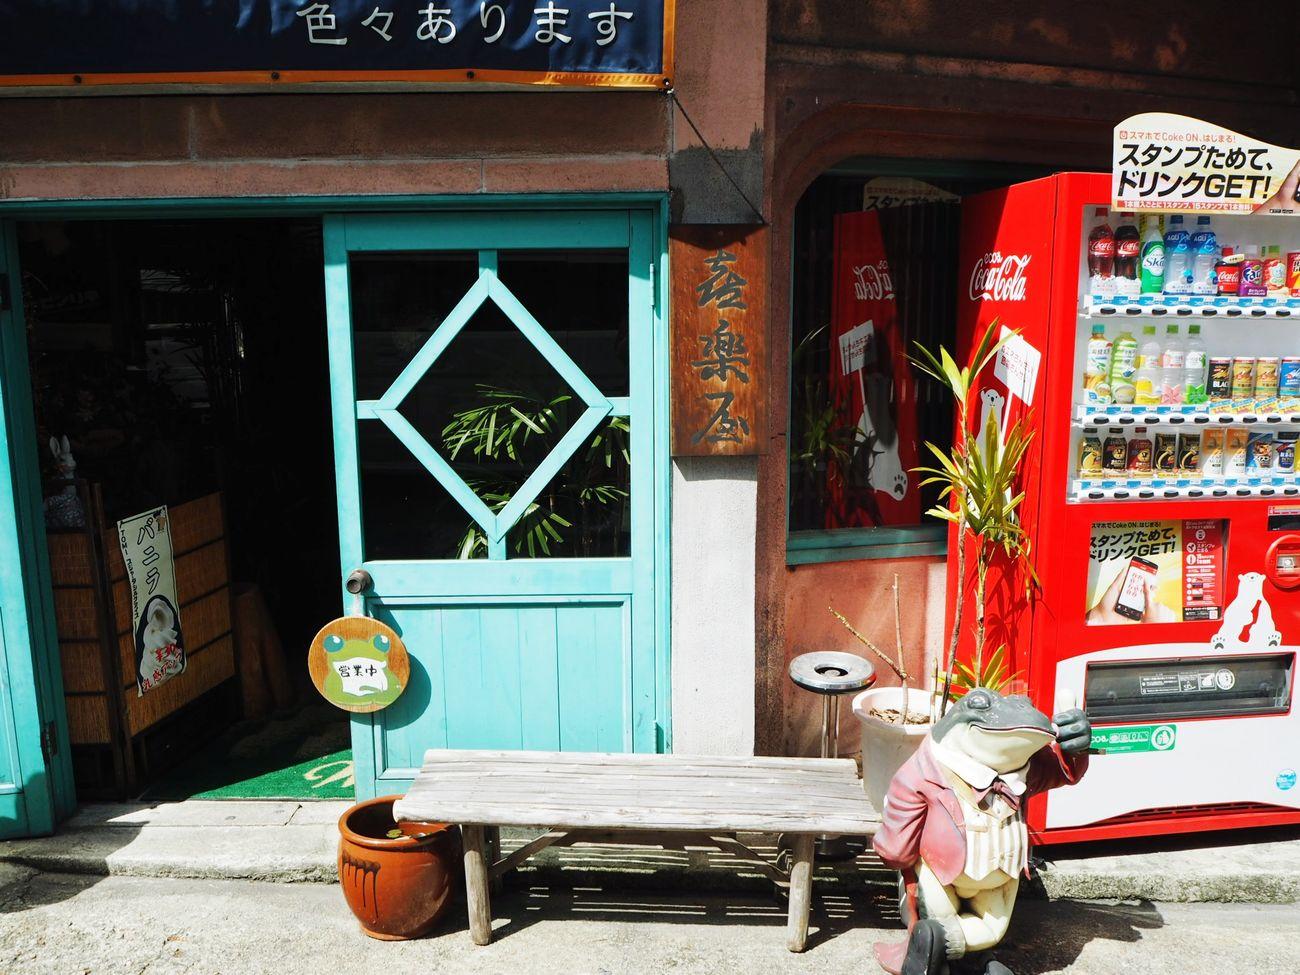 有馬温泉 No People Taking Photos Travel Onsen On The Road Streetphotography